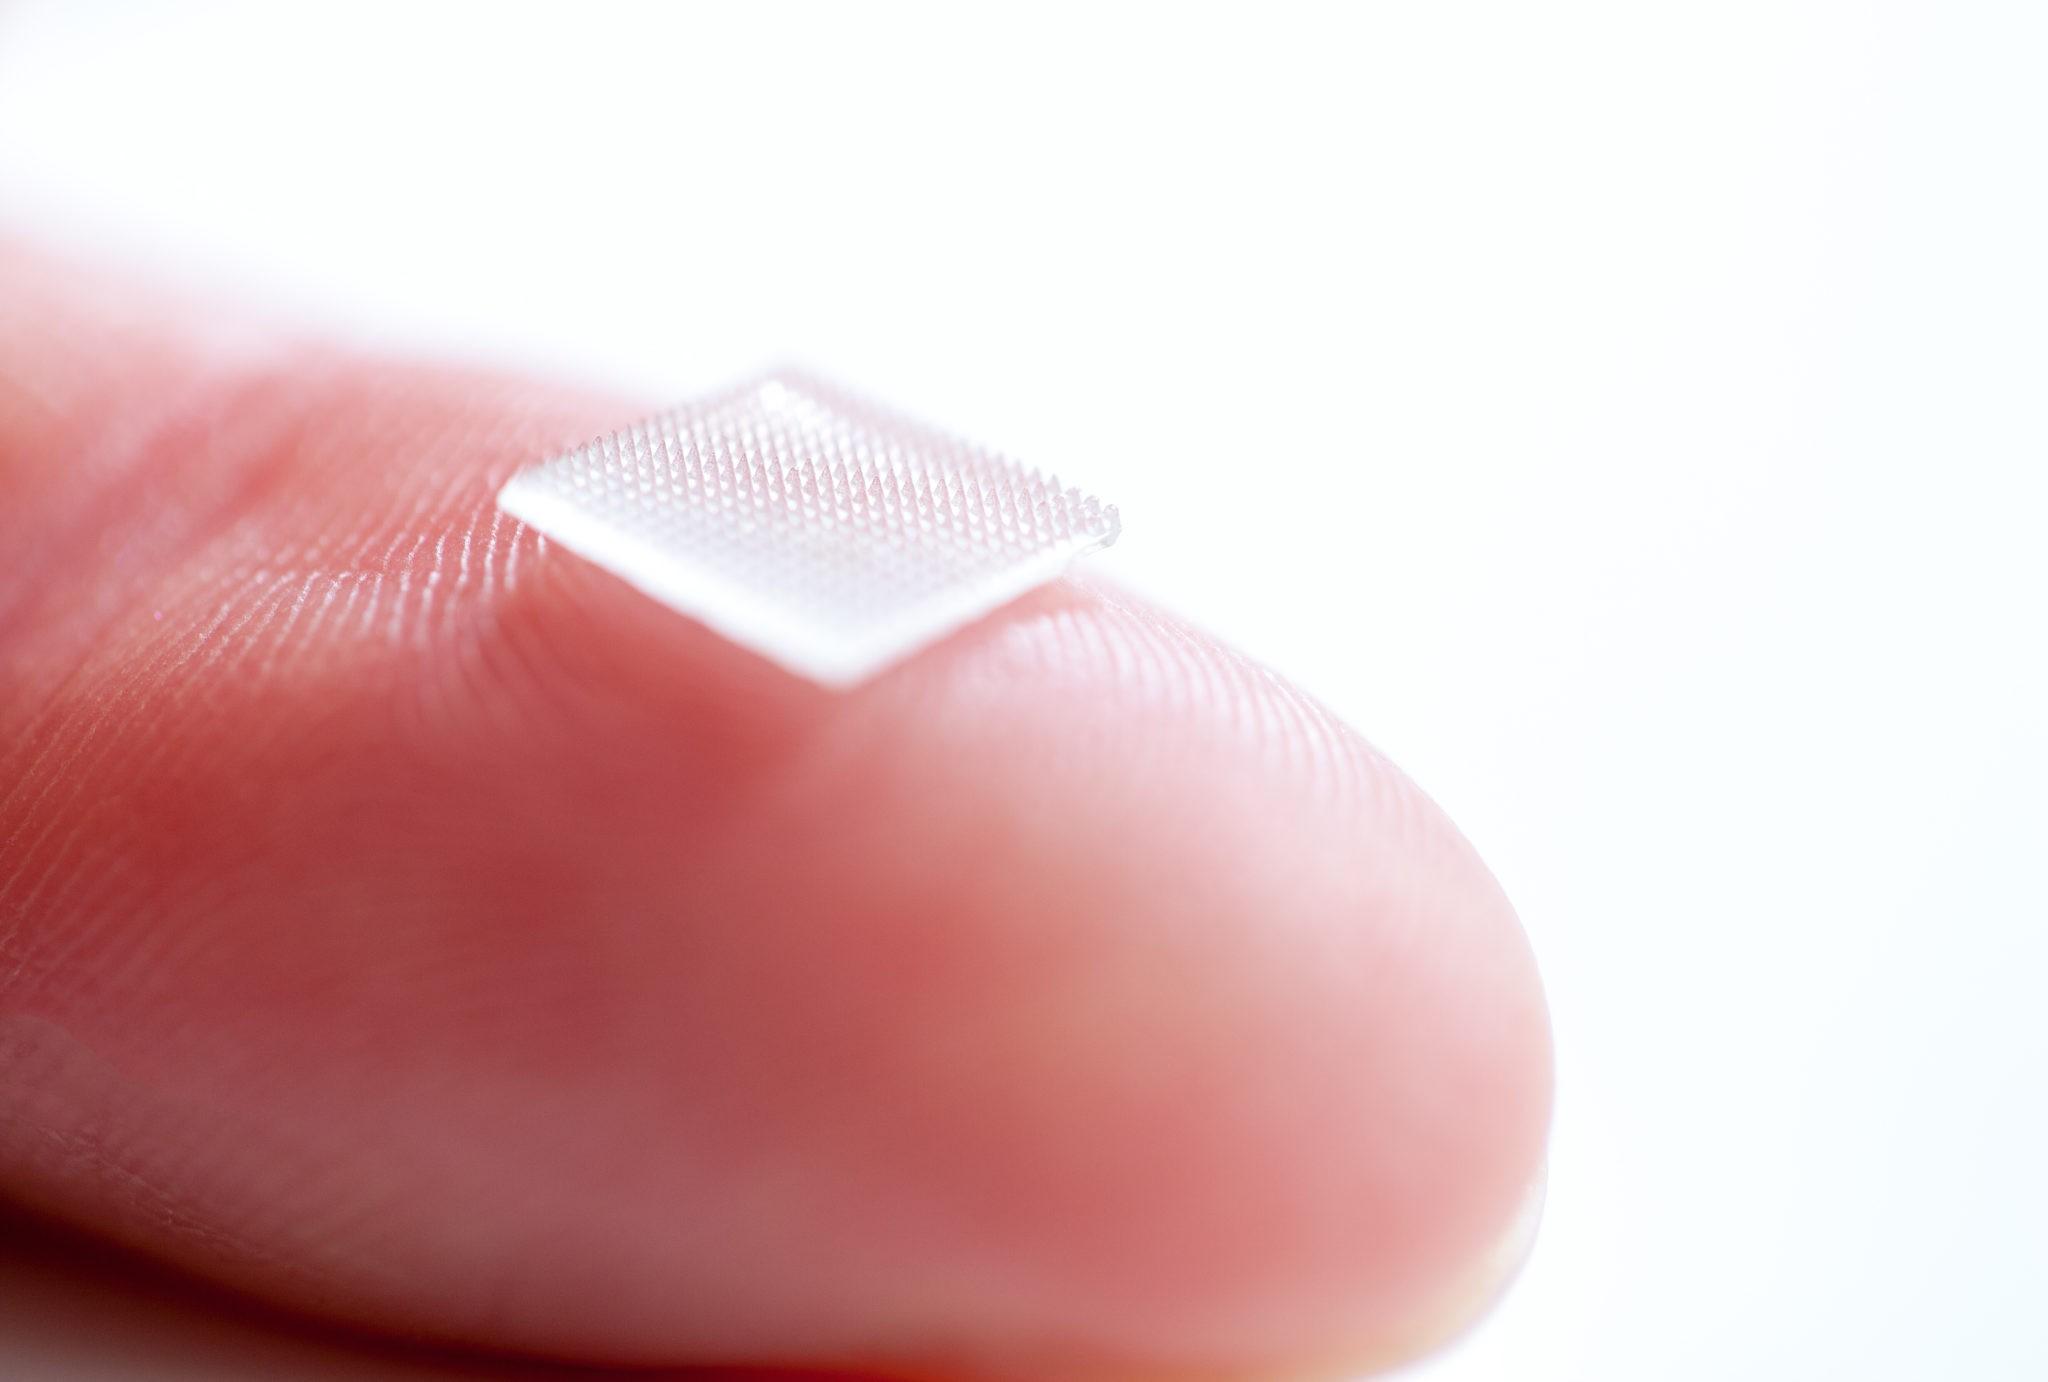 Mikronadelpflaster auf einer Fingerkuppe